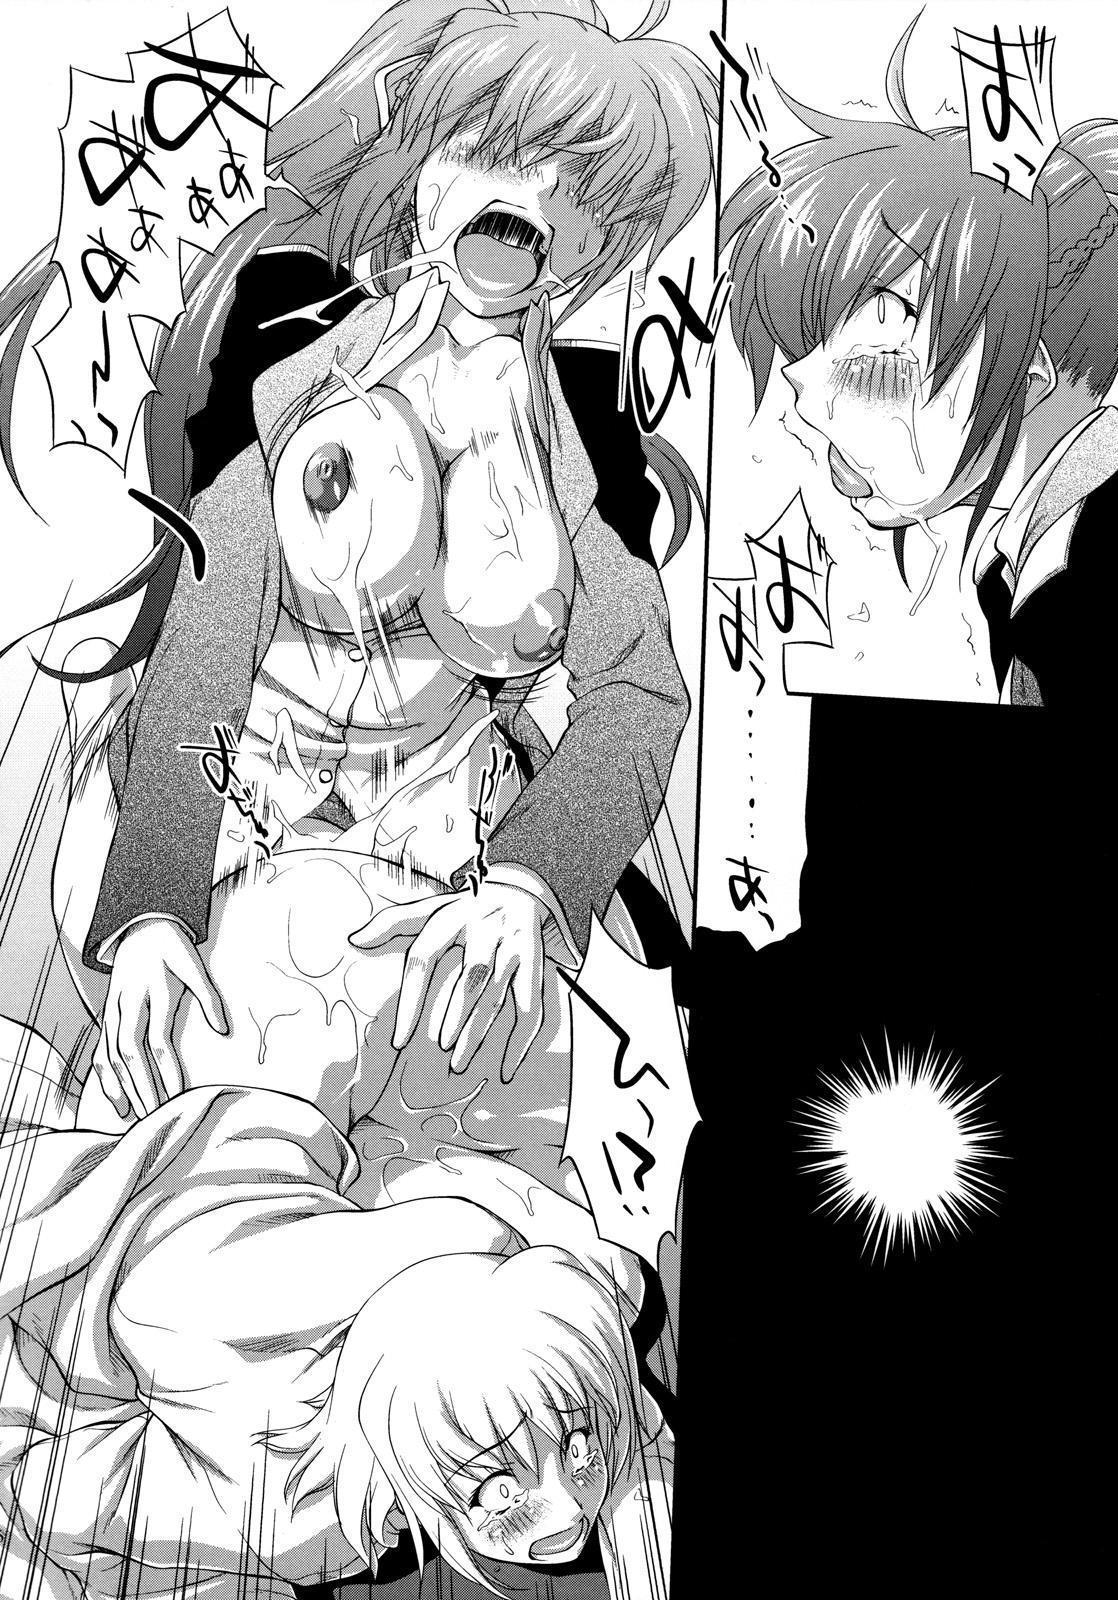 Skirt no Shita no Gekijou 14